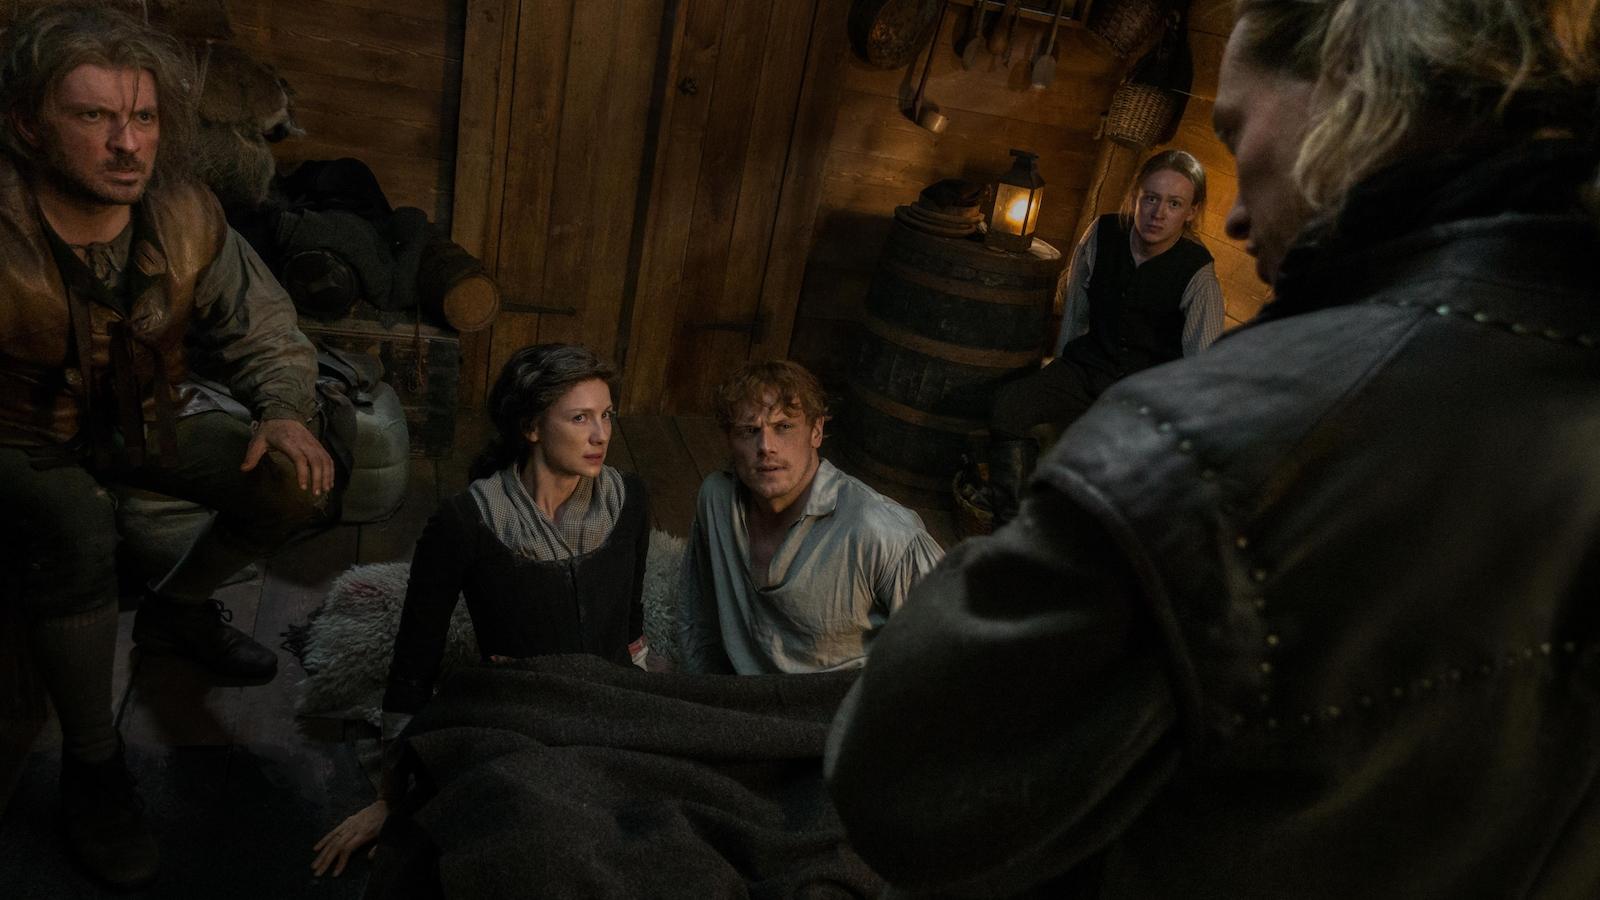 Claire et Jamie qui se font attaquer par M. Bonnet et ses hommes.